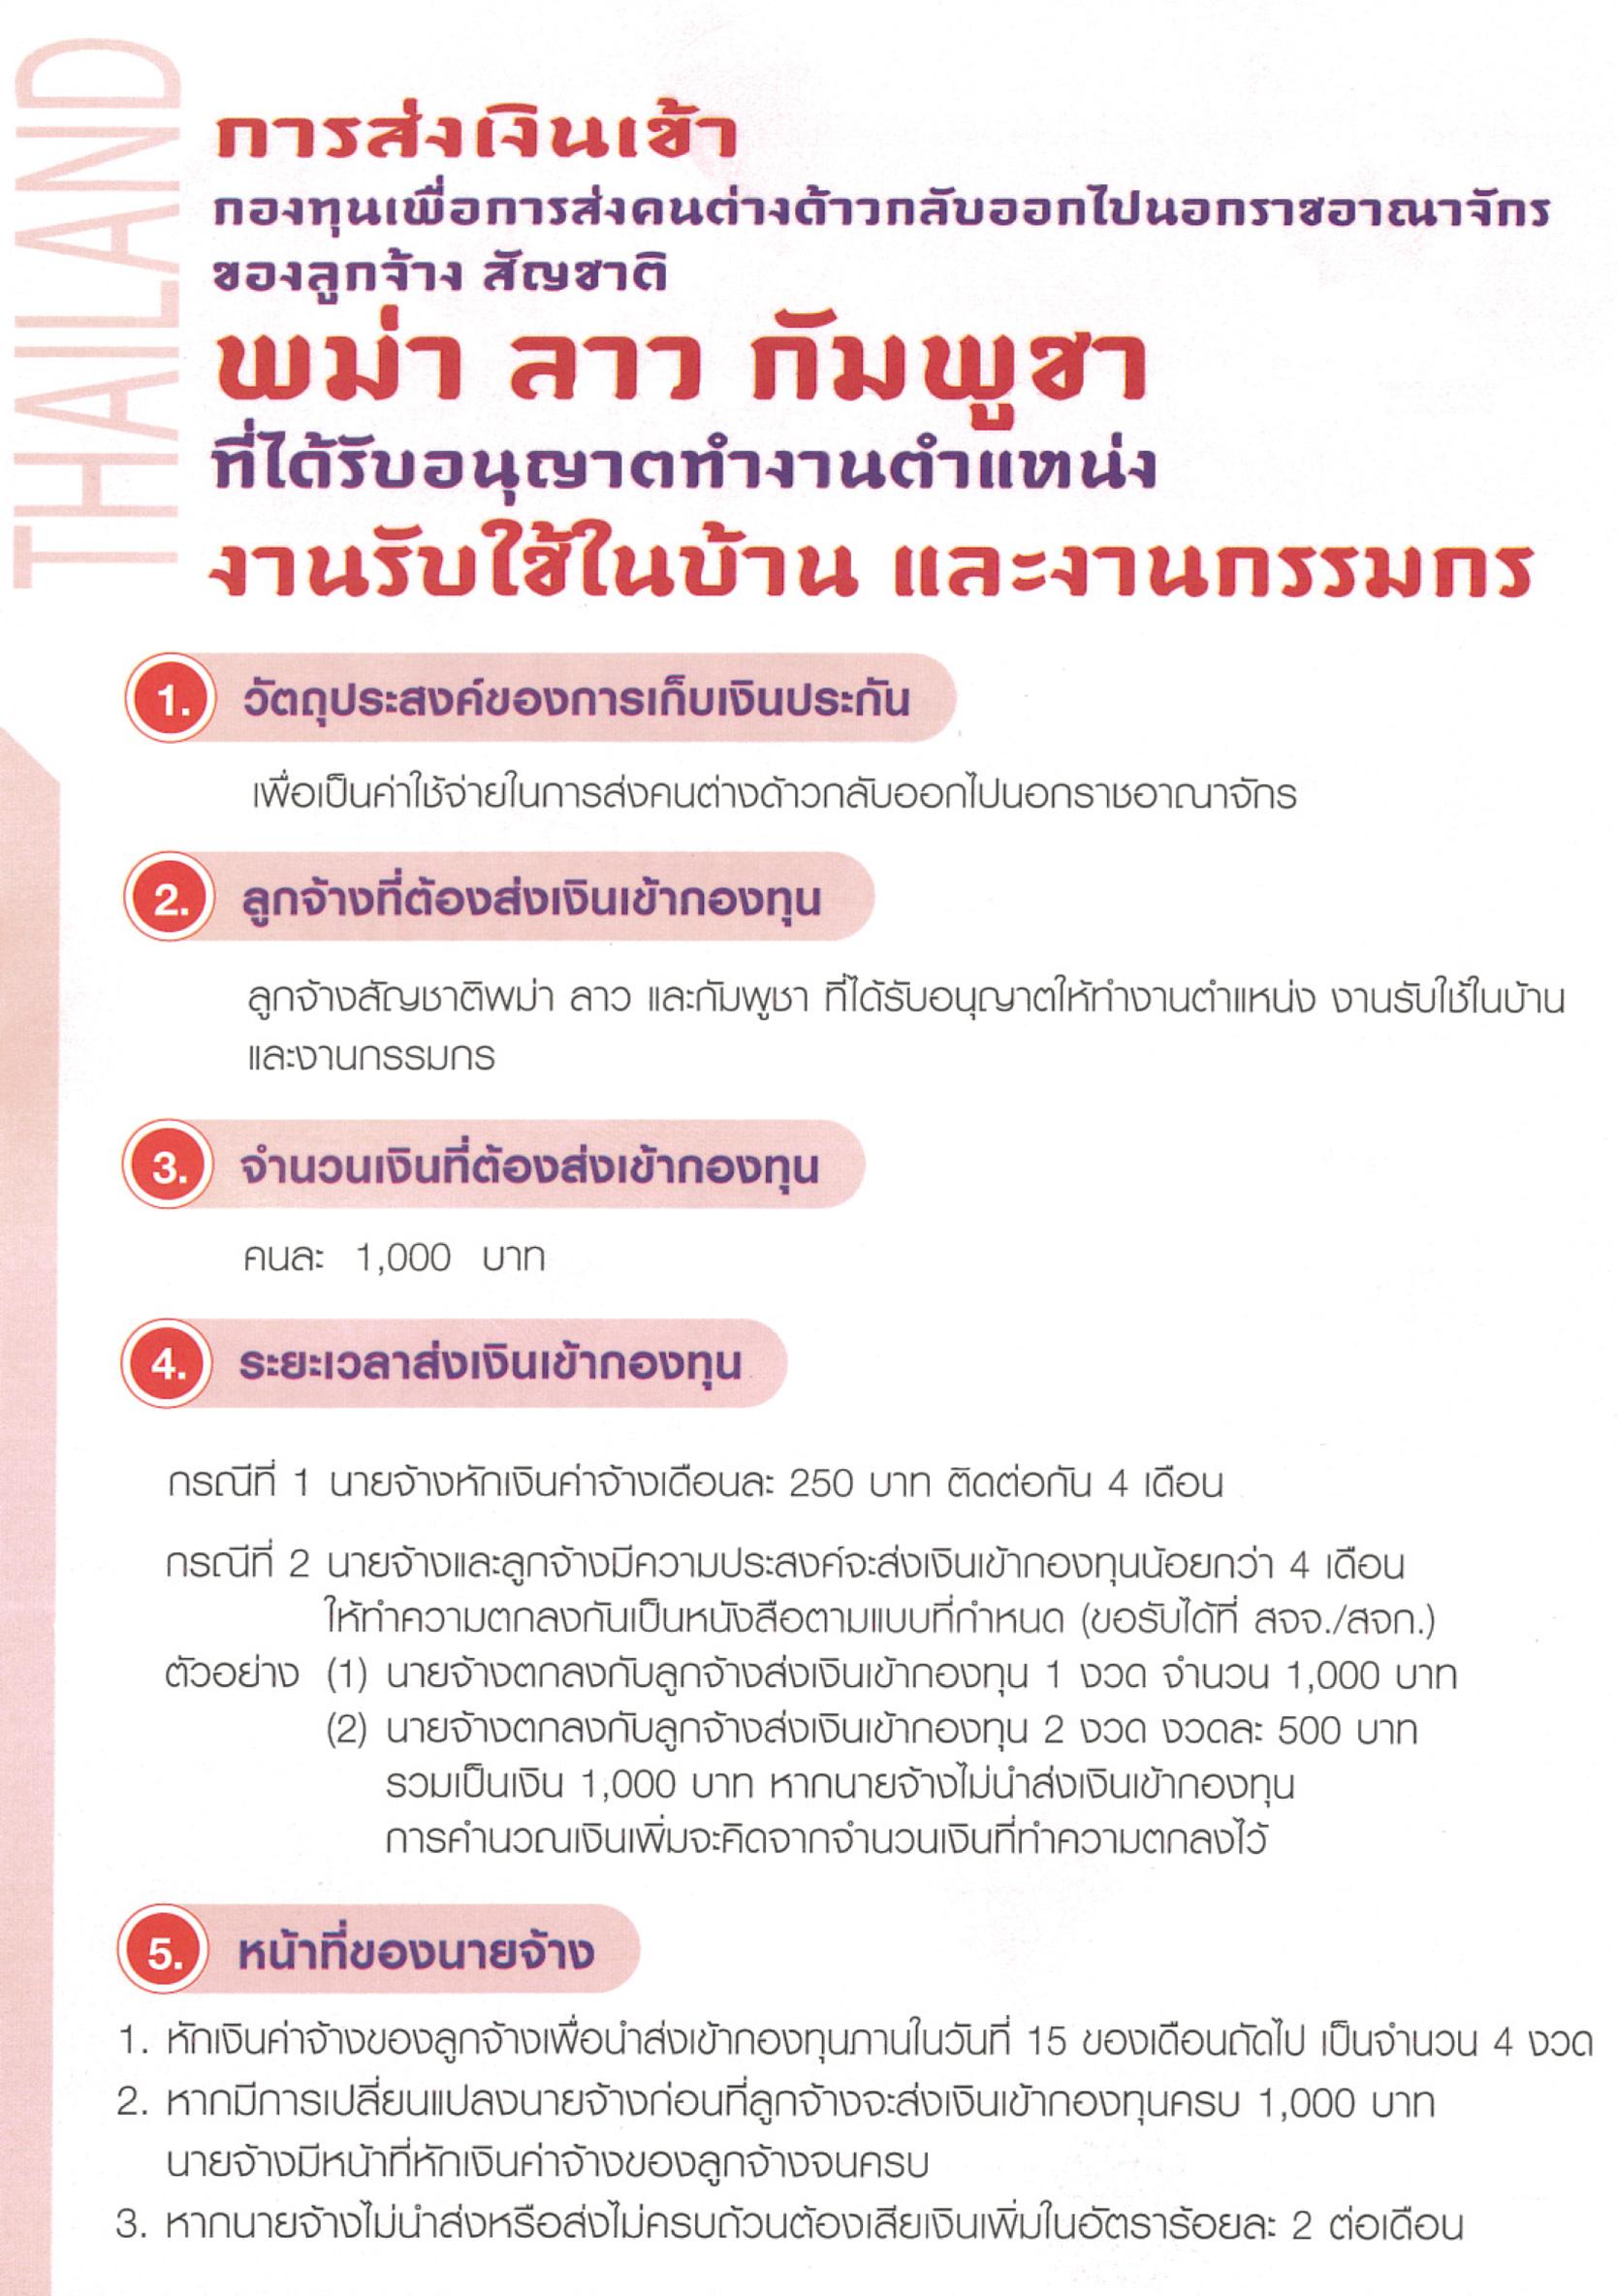 คู่มือการนำส่งเงินประกันค่าใช้จ่ายในการส่งคนต่างด้าวกลับฯ (ภาษาไทย)